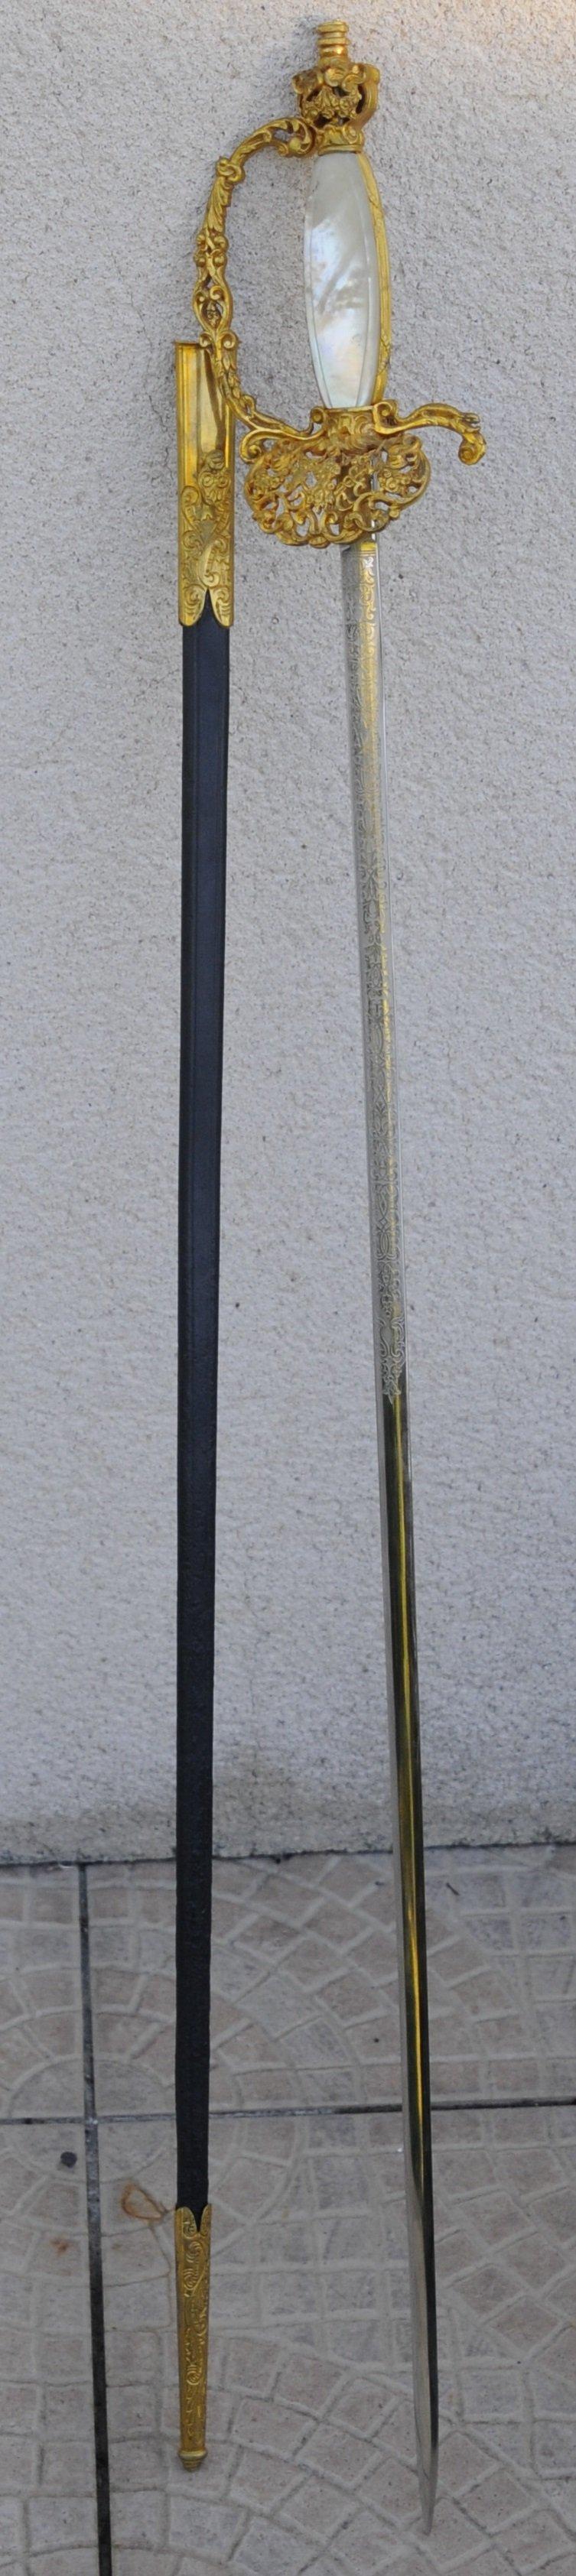 Belle épée d'apparat nacre et lame gravée haut fonctionnaire ? 6f8bca10